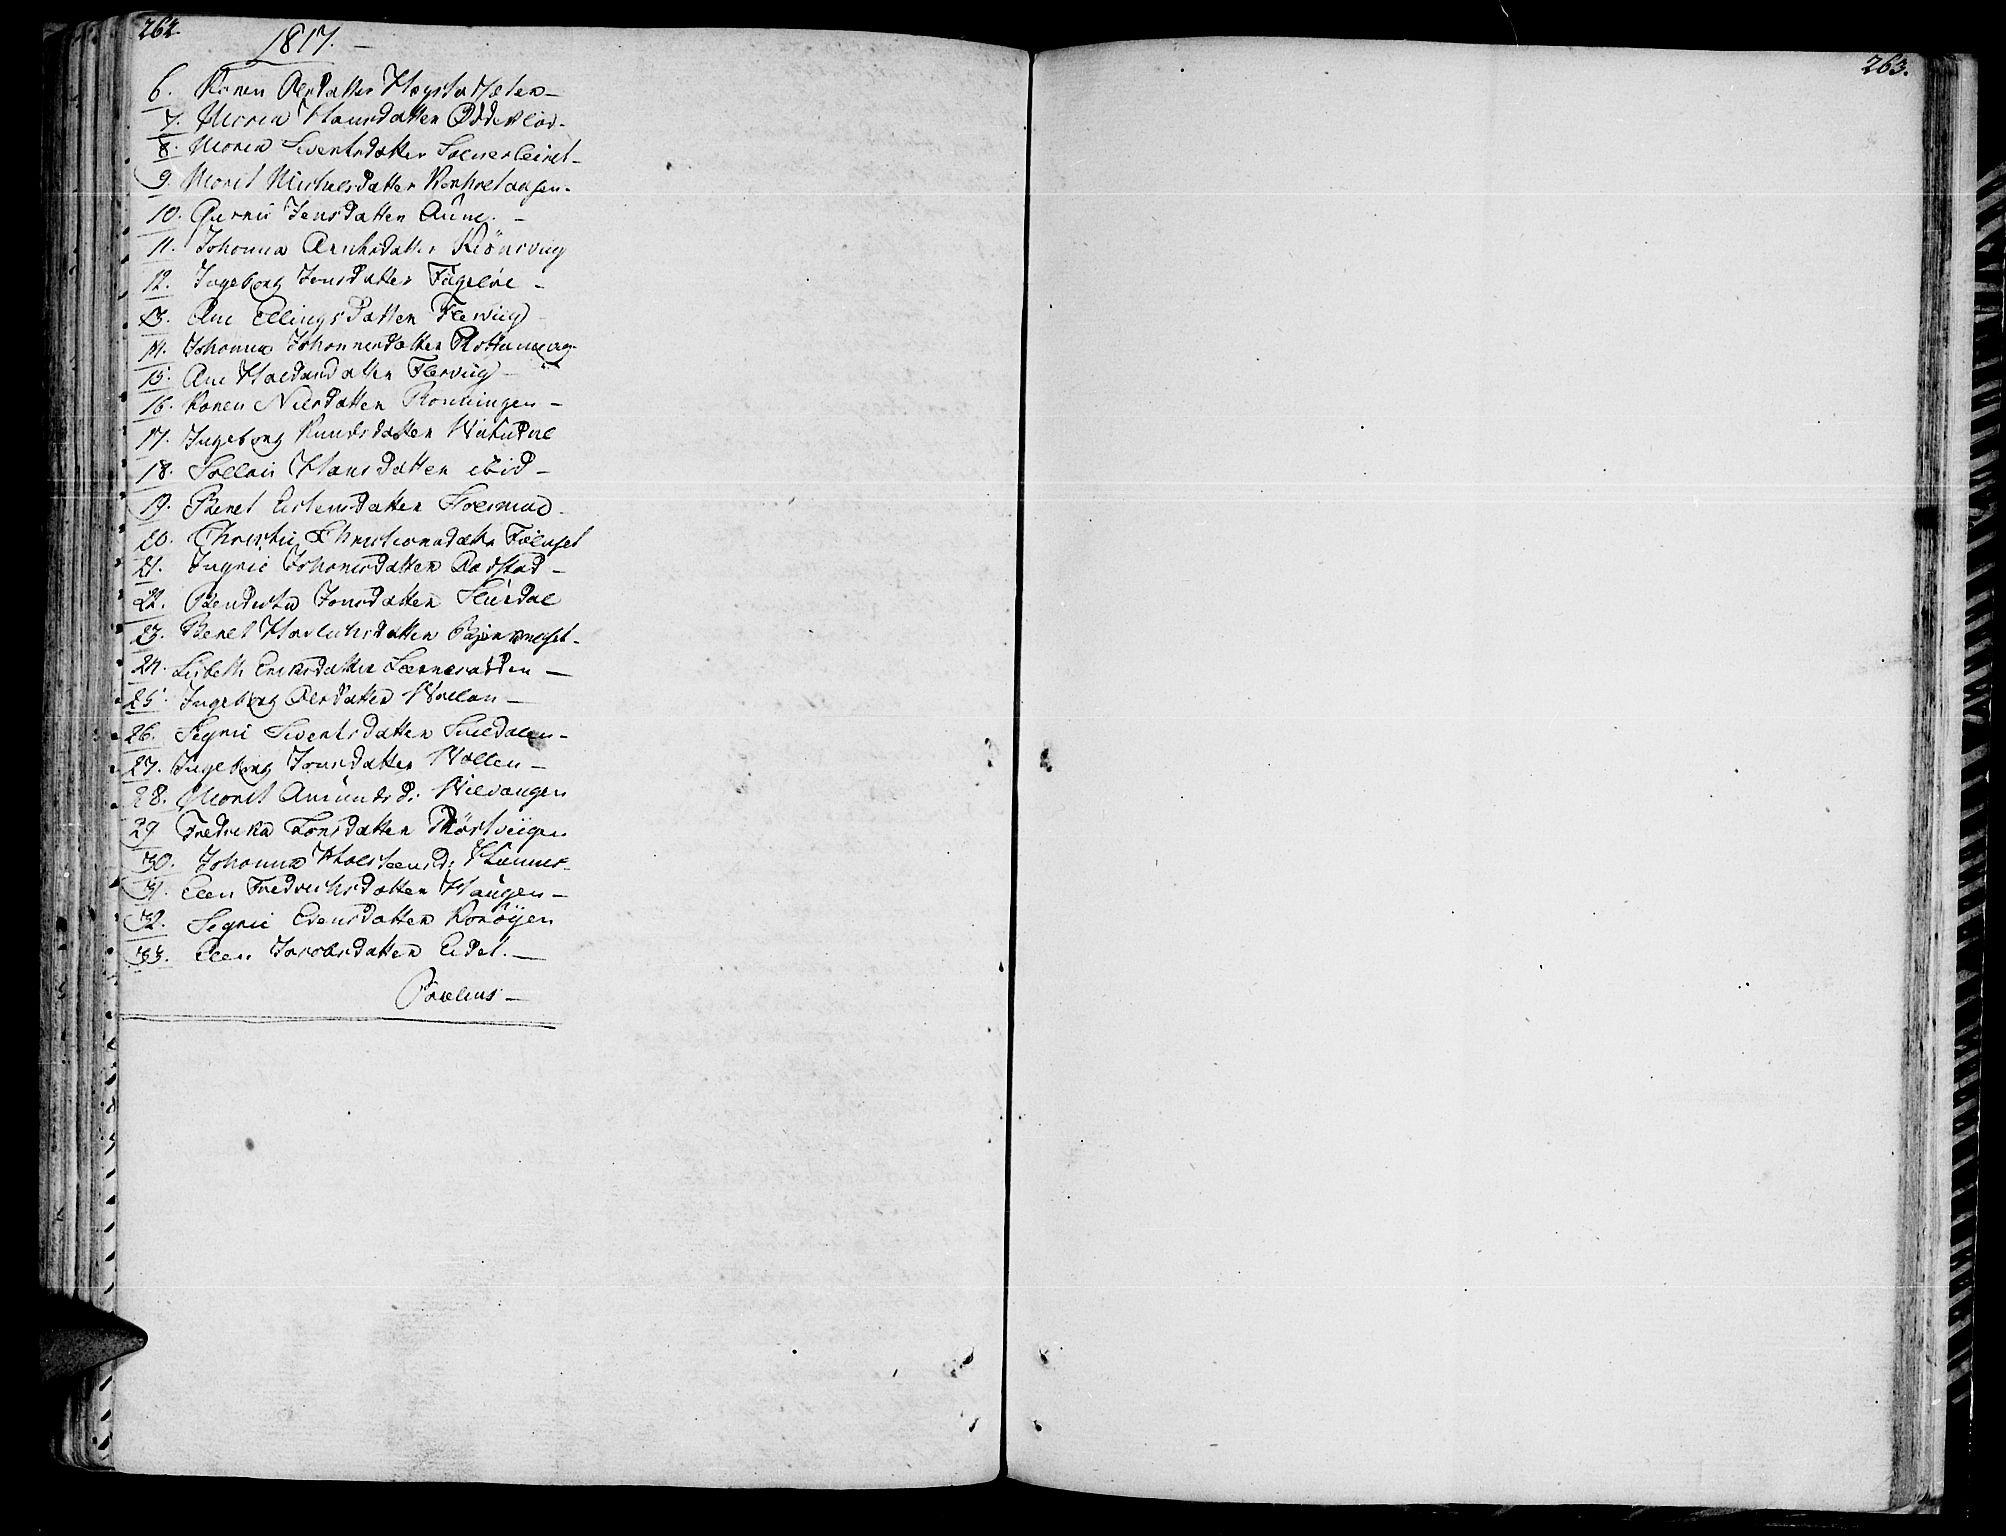 SAT, Ministerialprotokoller, klokkerbøker og fødselsregistre - Sør-Trøndelag, 630/L0490: Ministerialbok nr. 630A03, 1795-1818, s. 262-263